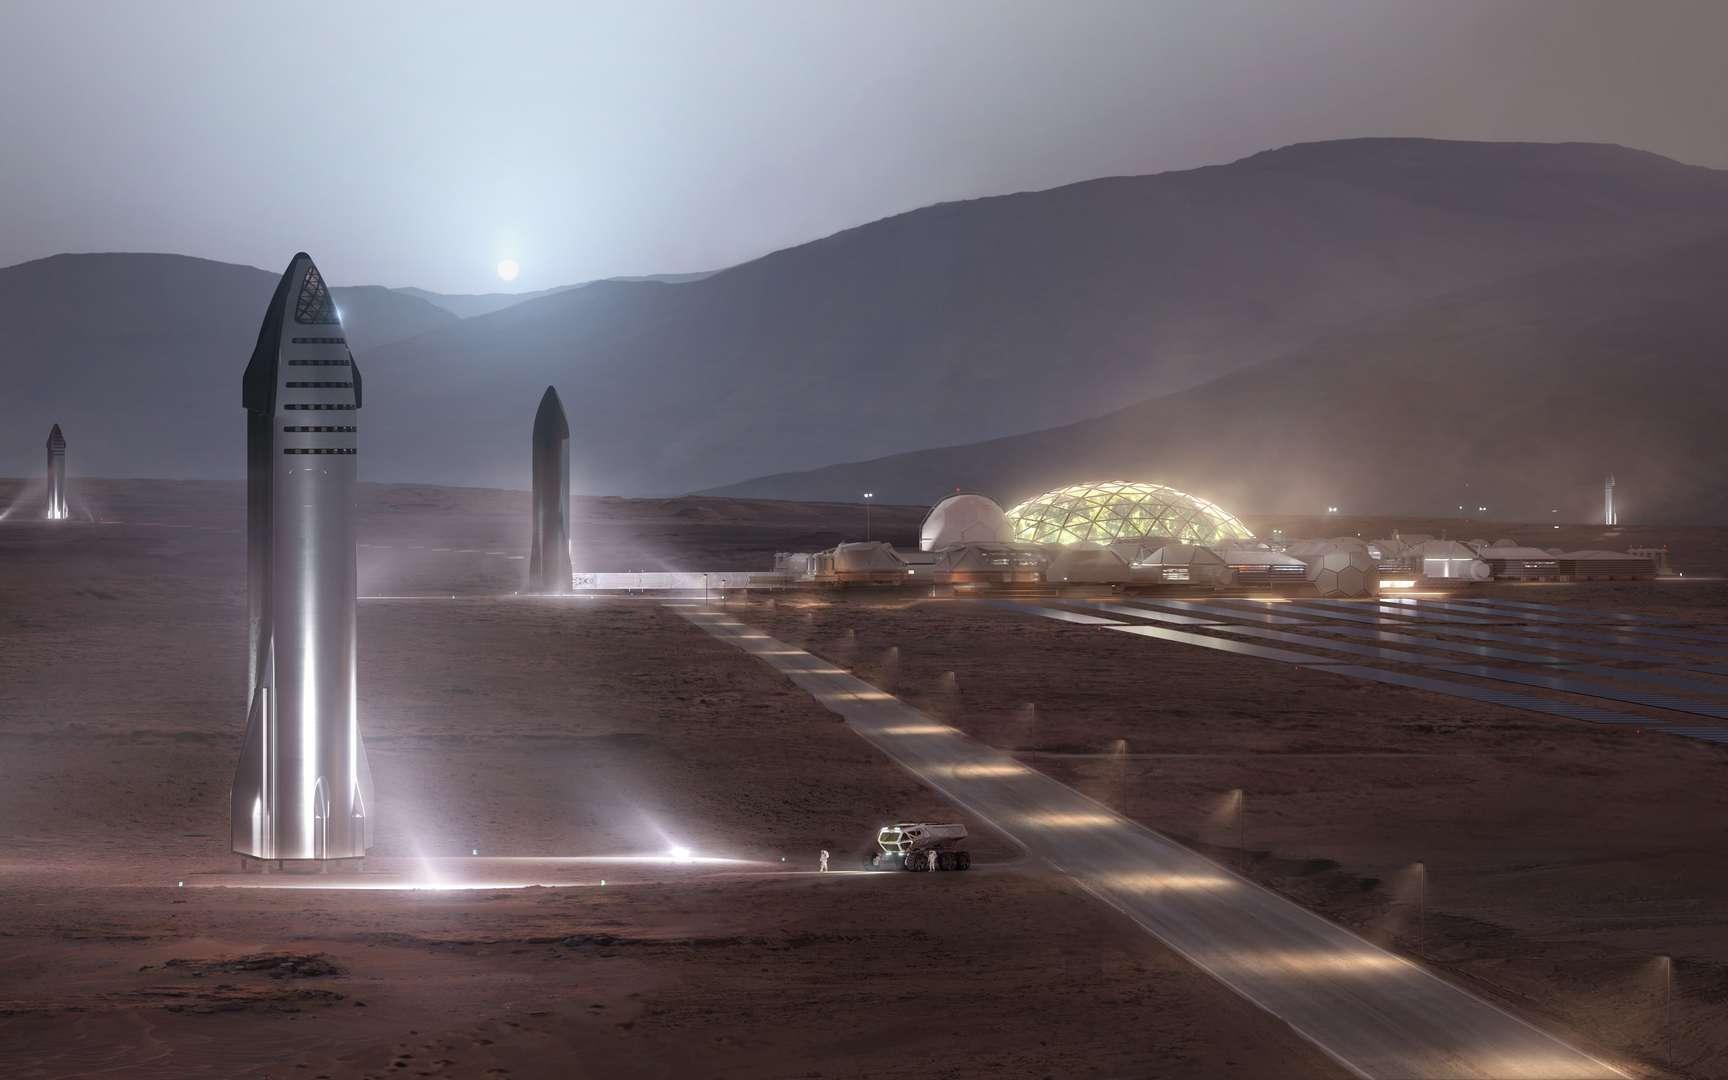 Tout indique qu'une longue mission sur Mars serait périlleuse pour les humains